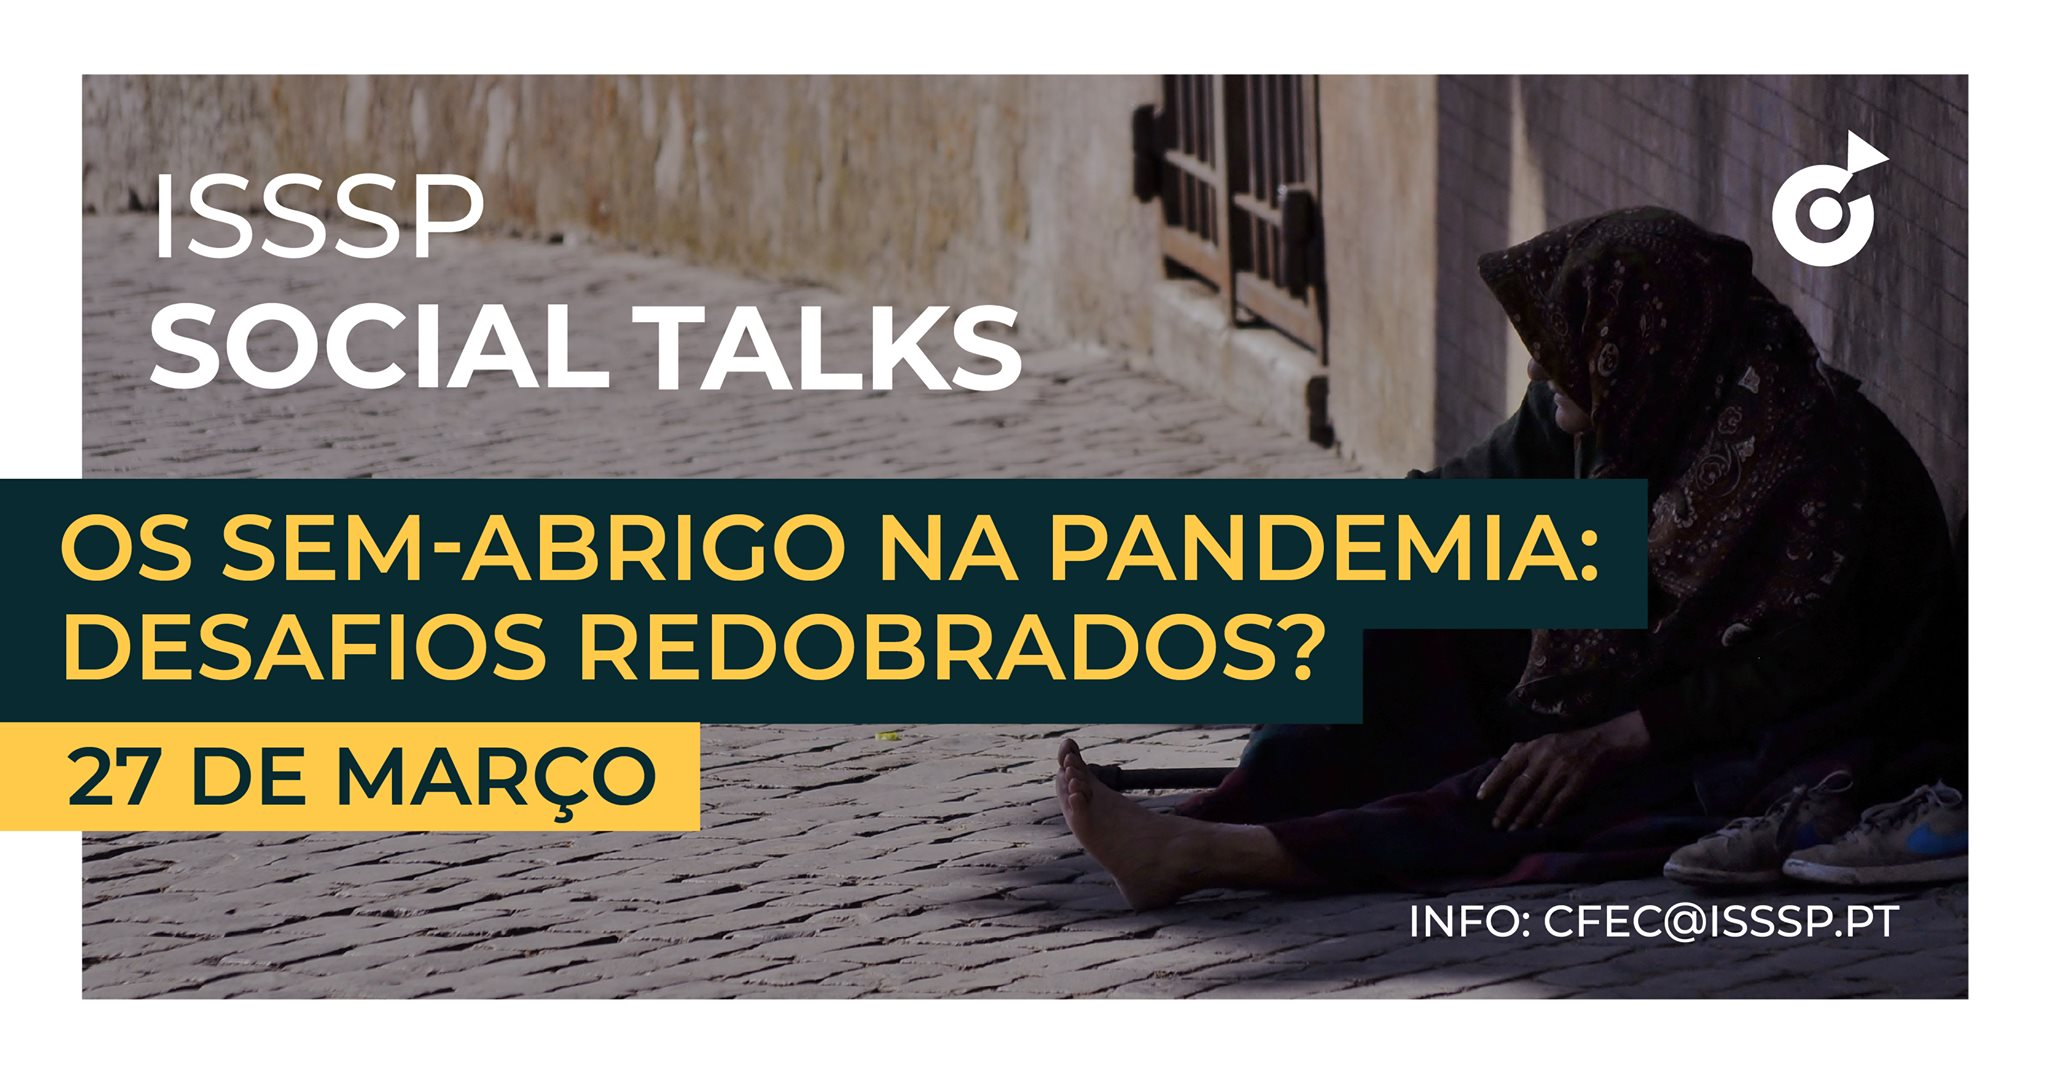 ISSSP SOCIAL TALKS   Os sem-abrigo na Pandemia: desafios redobrados?